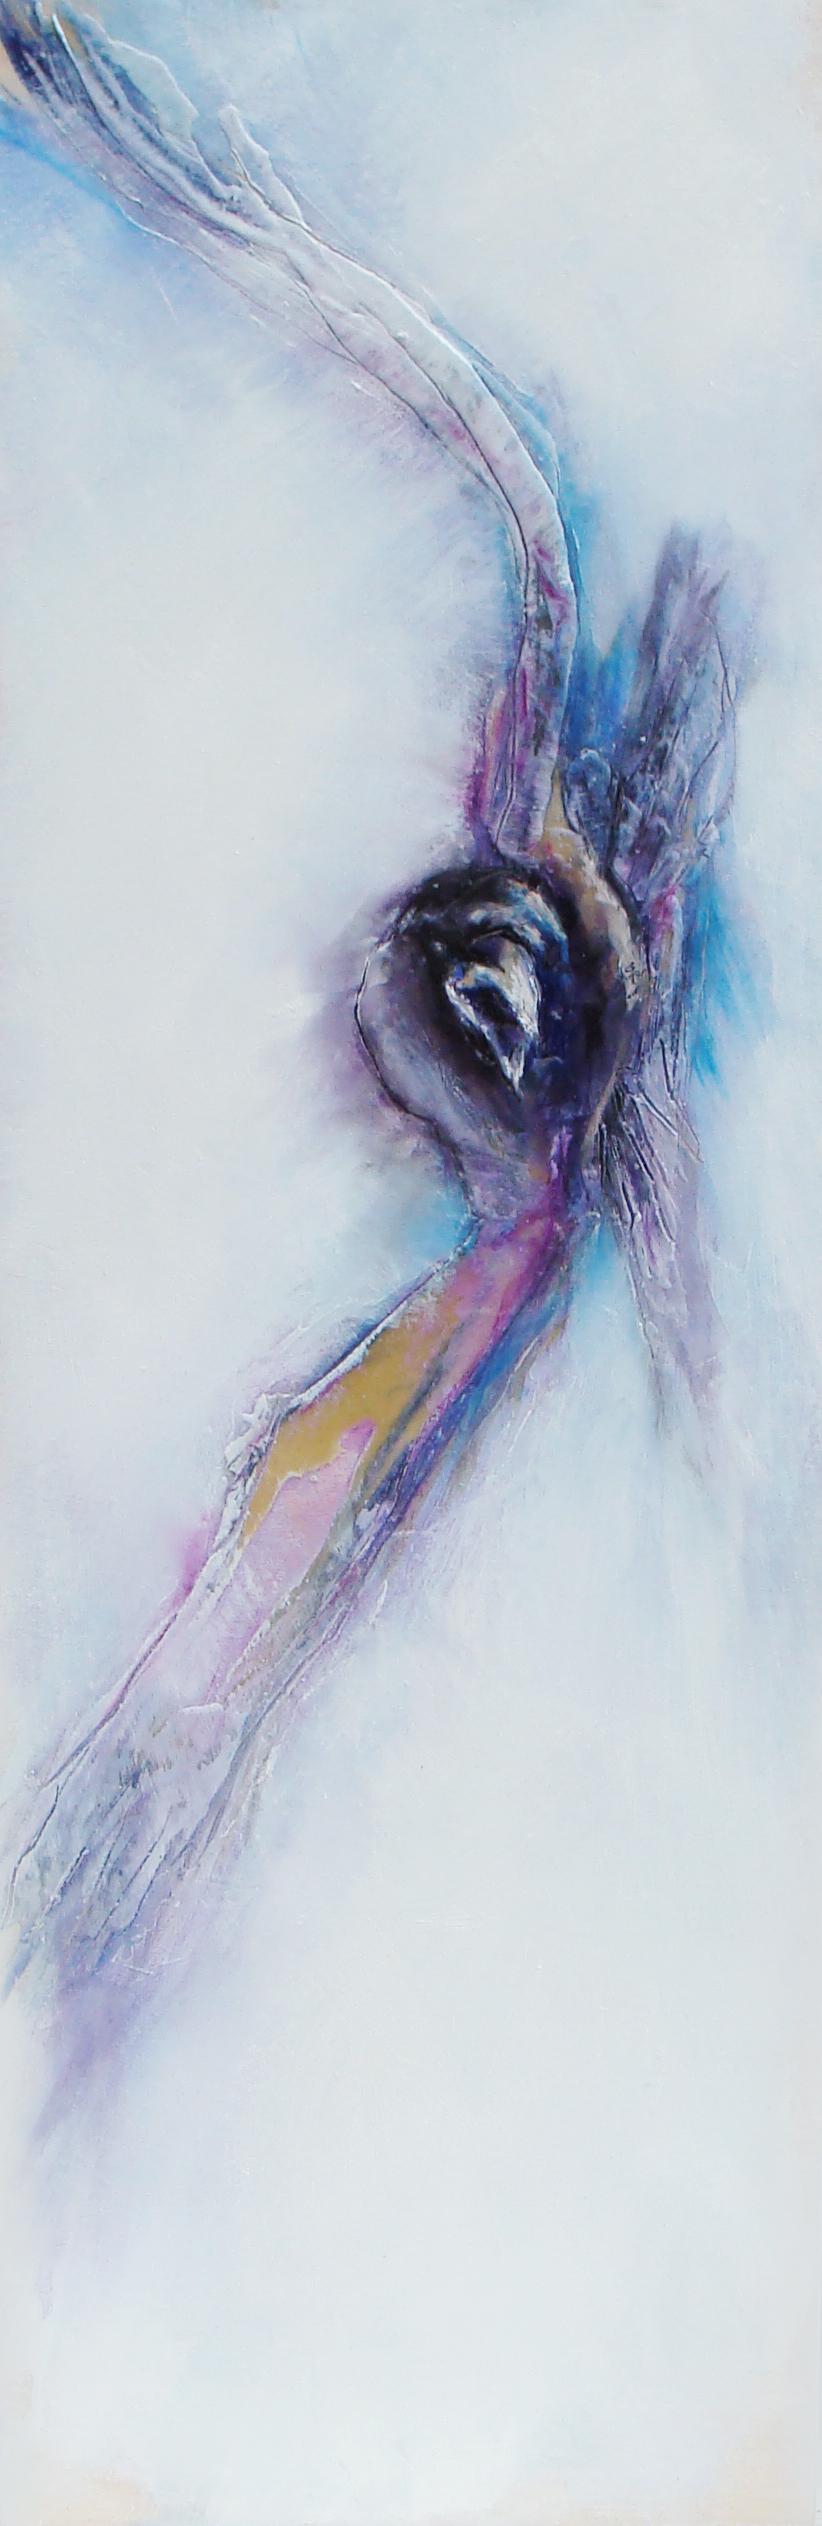 """regal attire, oil, wax, pastel on wood, 36x12"""", 2012, SOLD"""